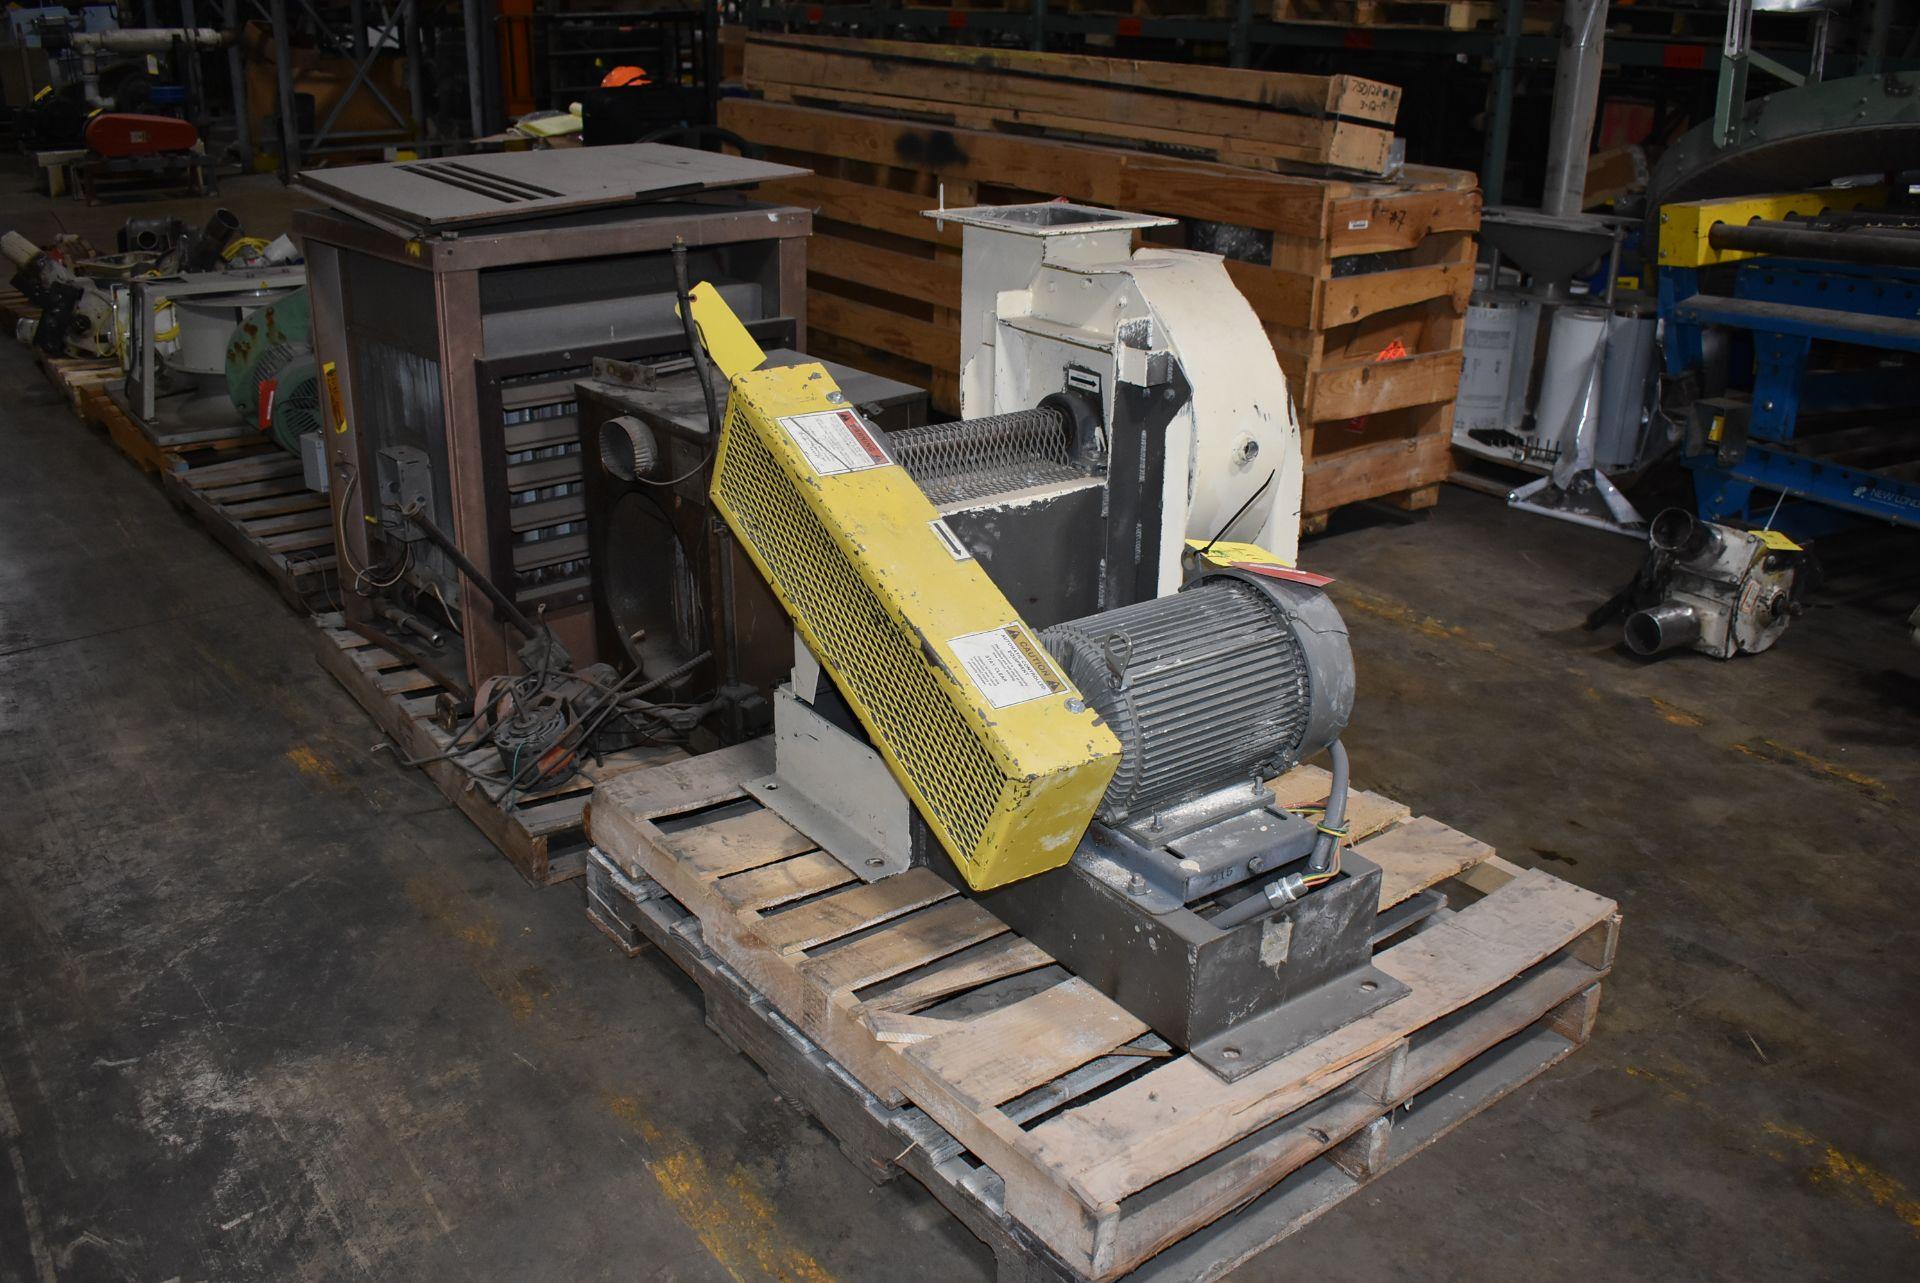 Mac #SB-6071 Fan/Blower w/ 7 1/2 HP Motor - Image 3 of 3